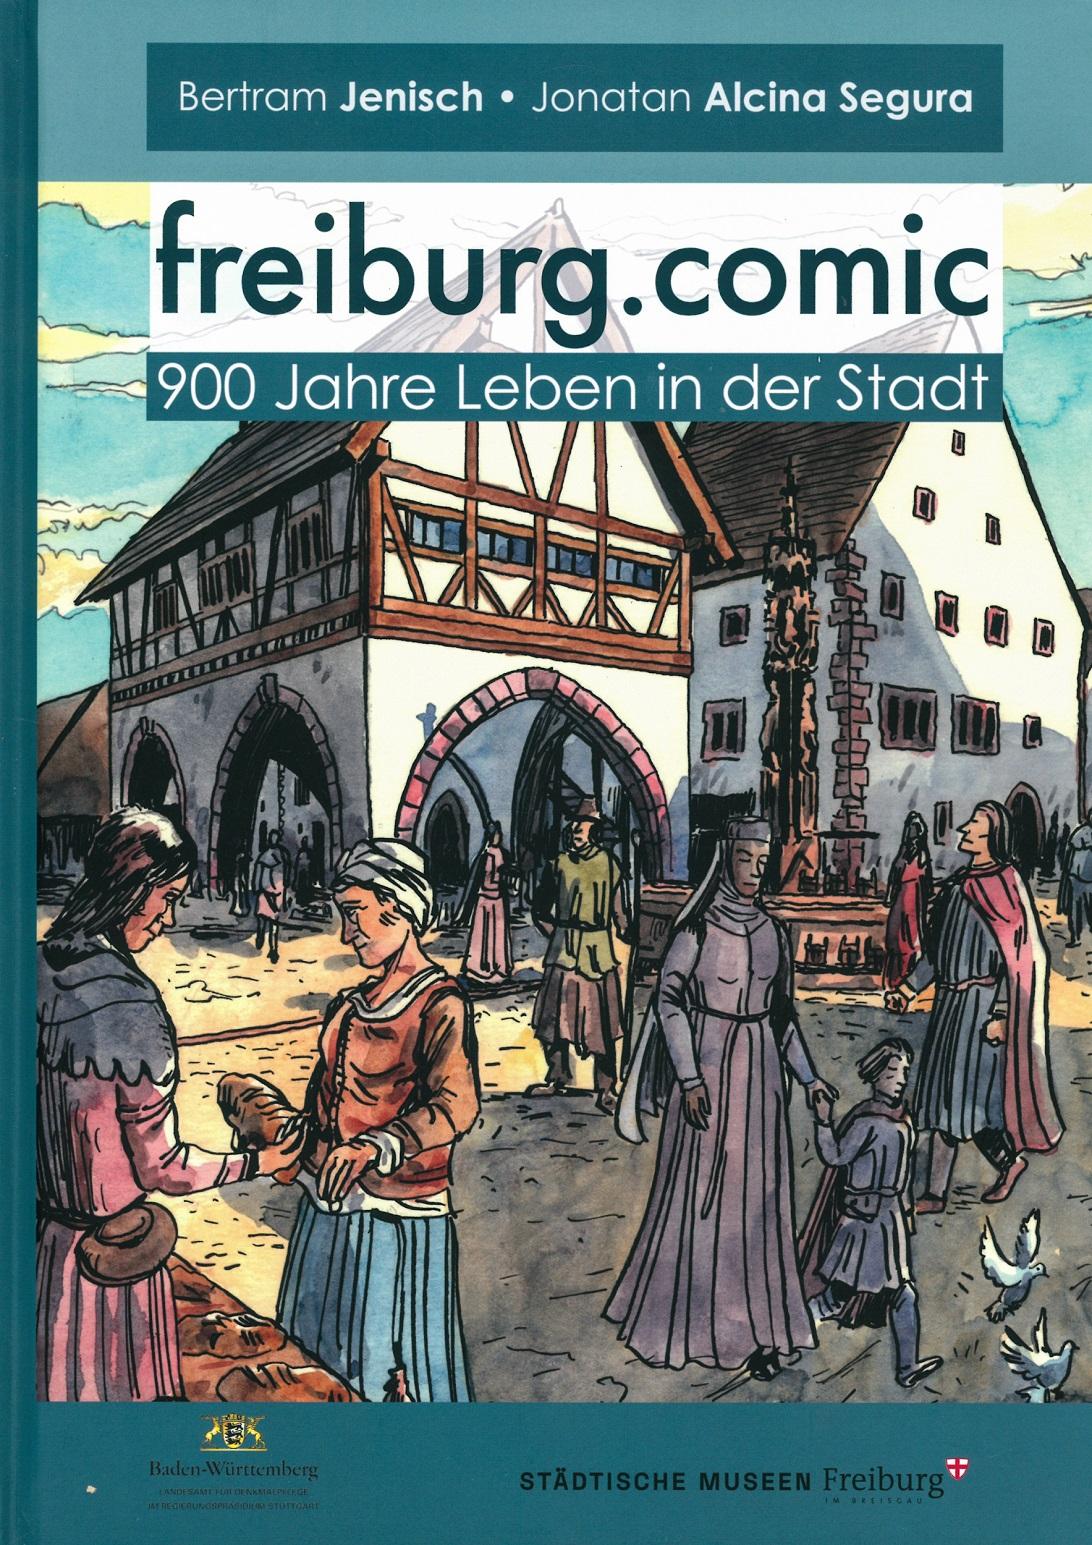 Muenster-Laden-Freiburg-Comic-900-Jahre-Leben-in-der-Stadt